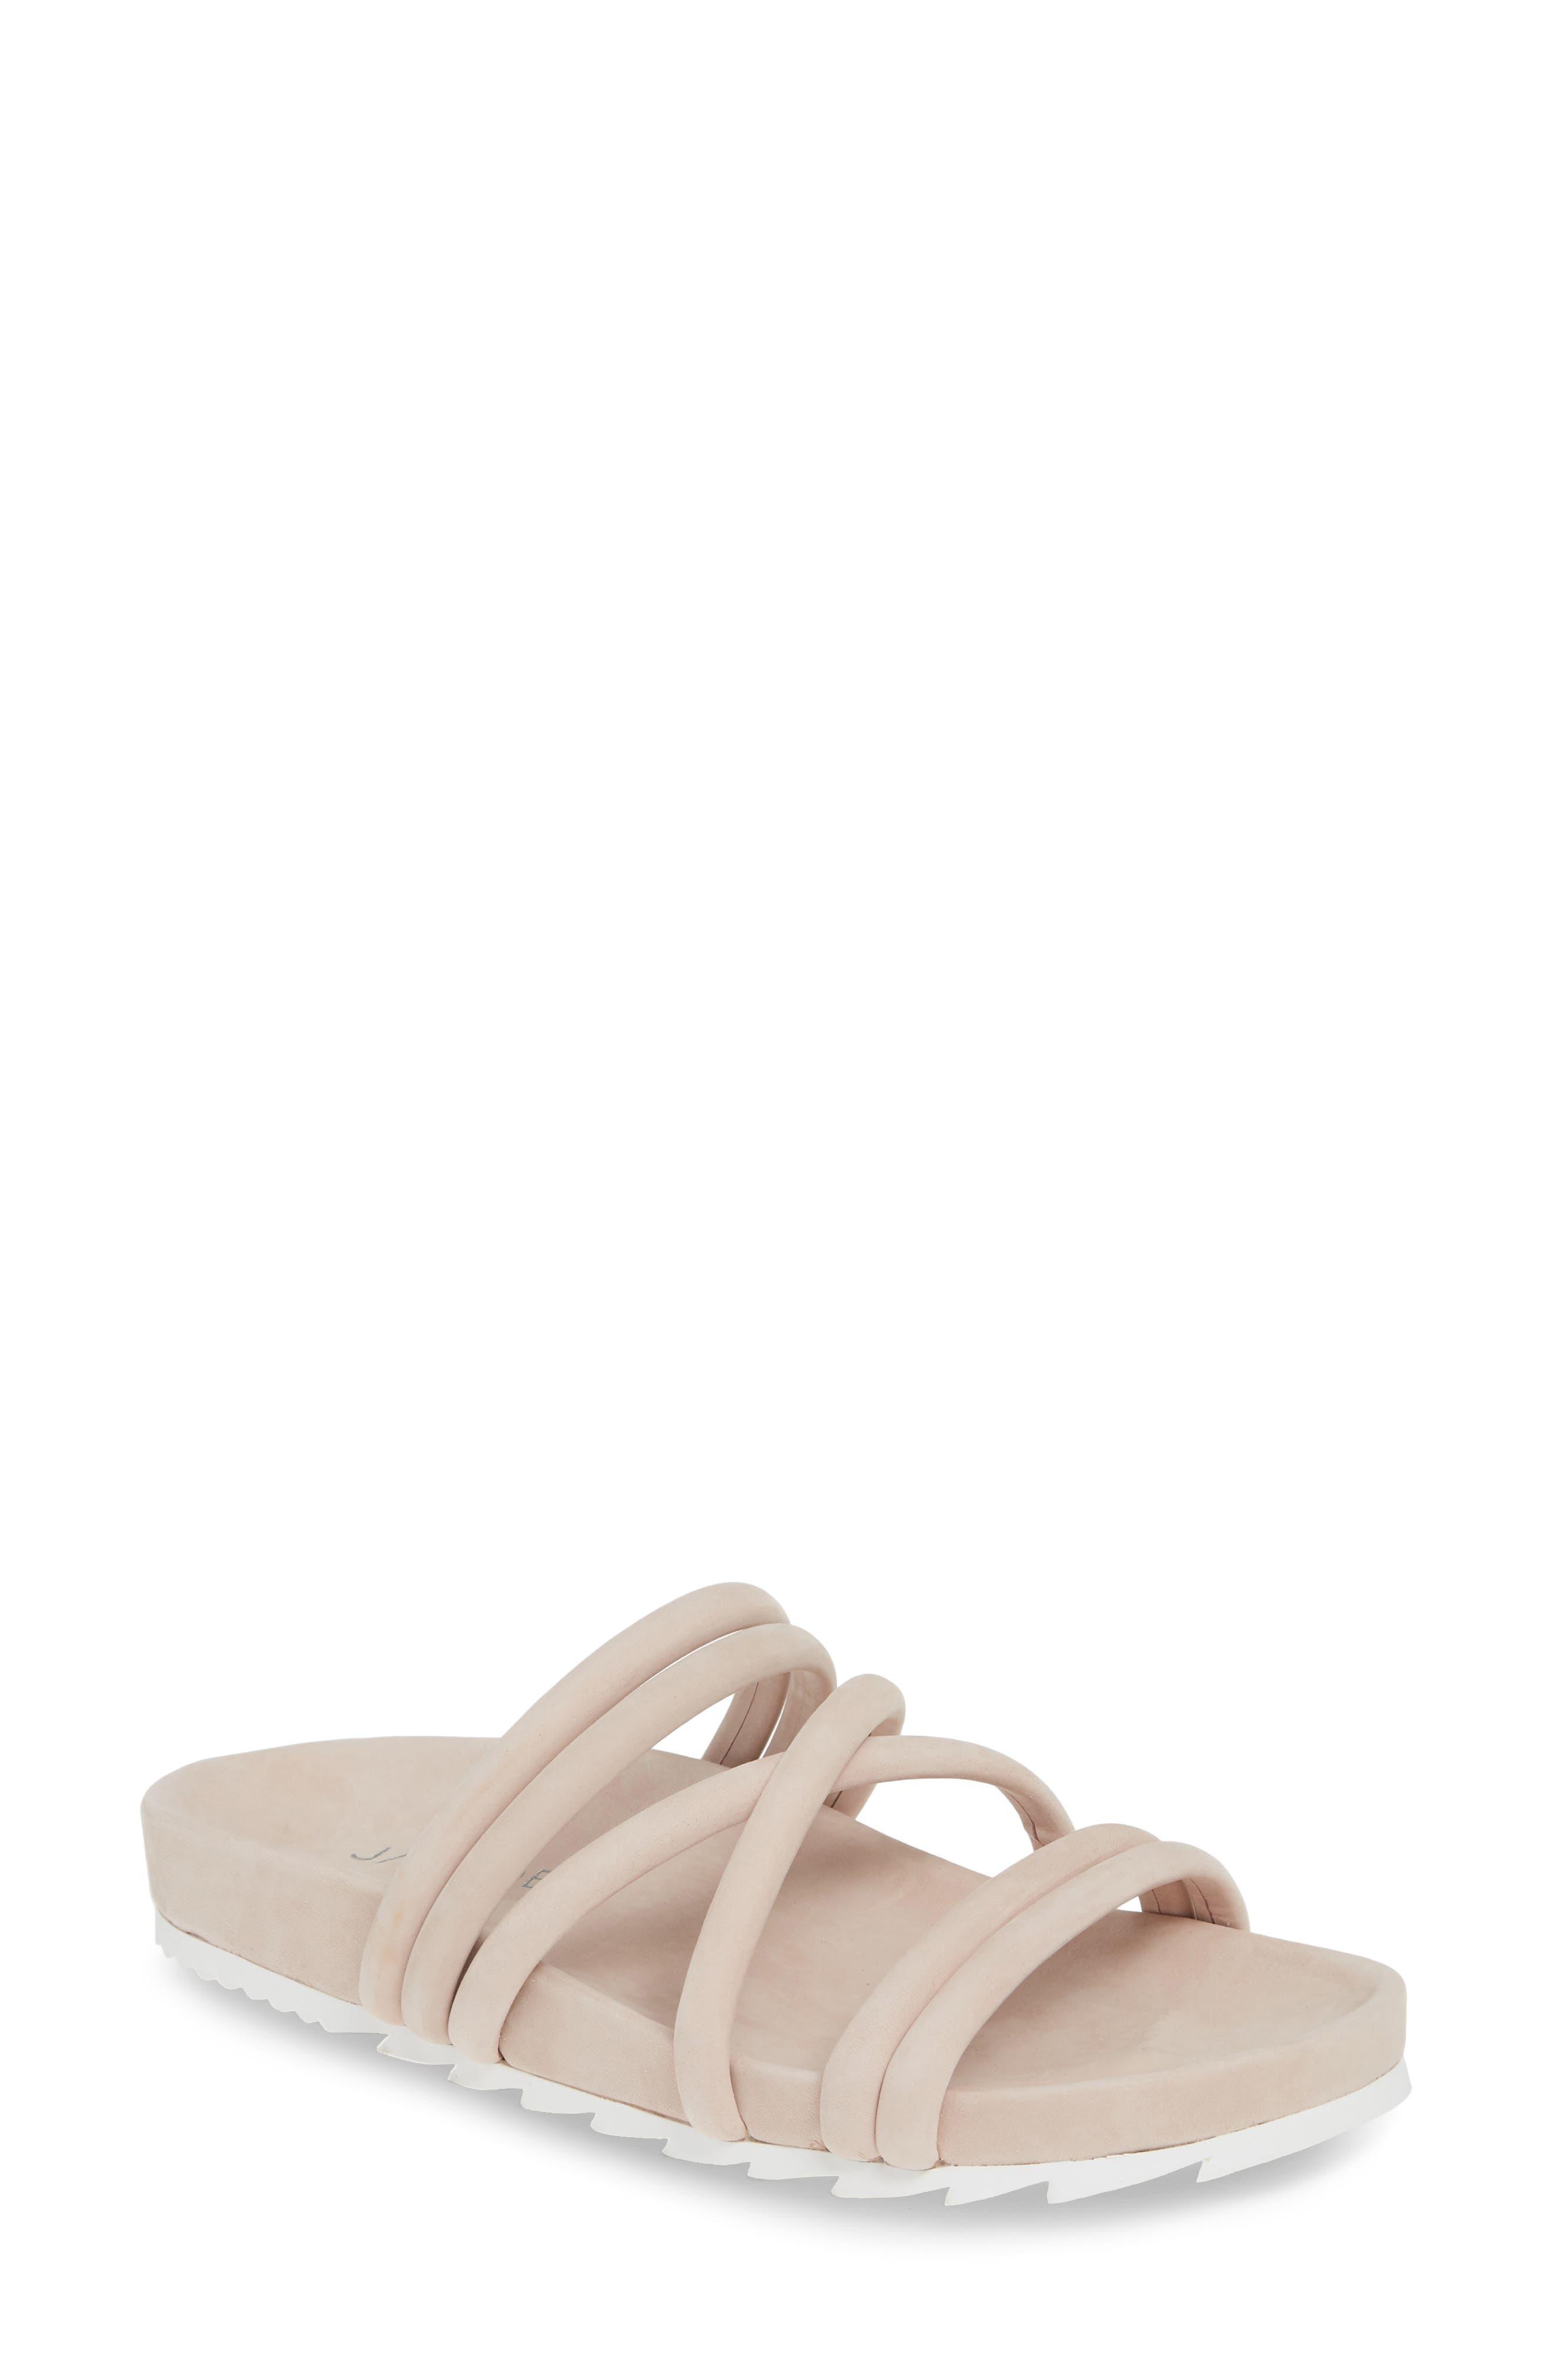 Jslides Tess Strappy Slide Sandal, Pink